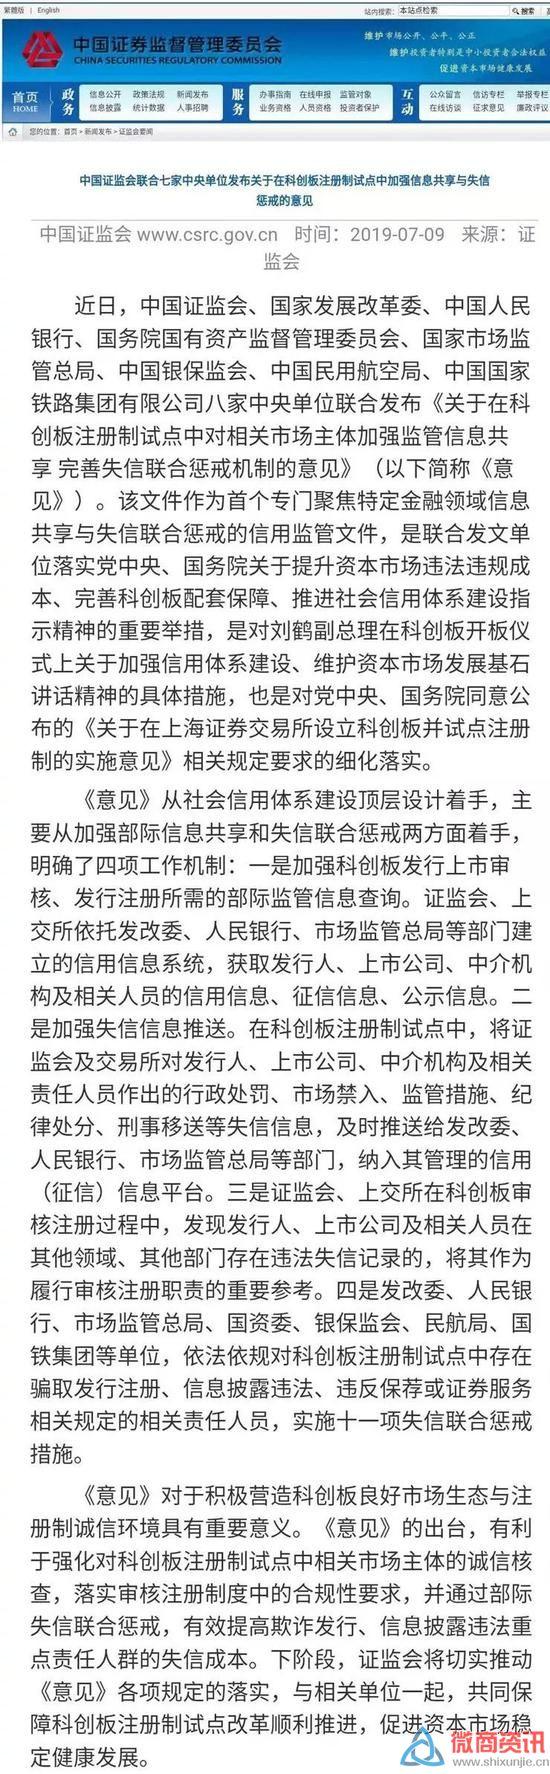 """9股齐发!上交所历史首次 今将迎最强""""打新潮"""""""